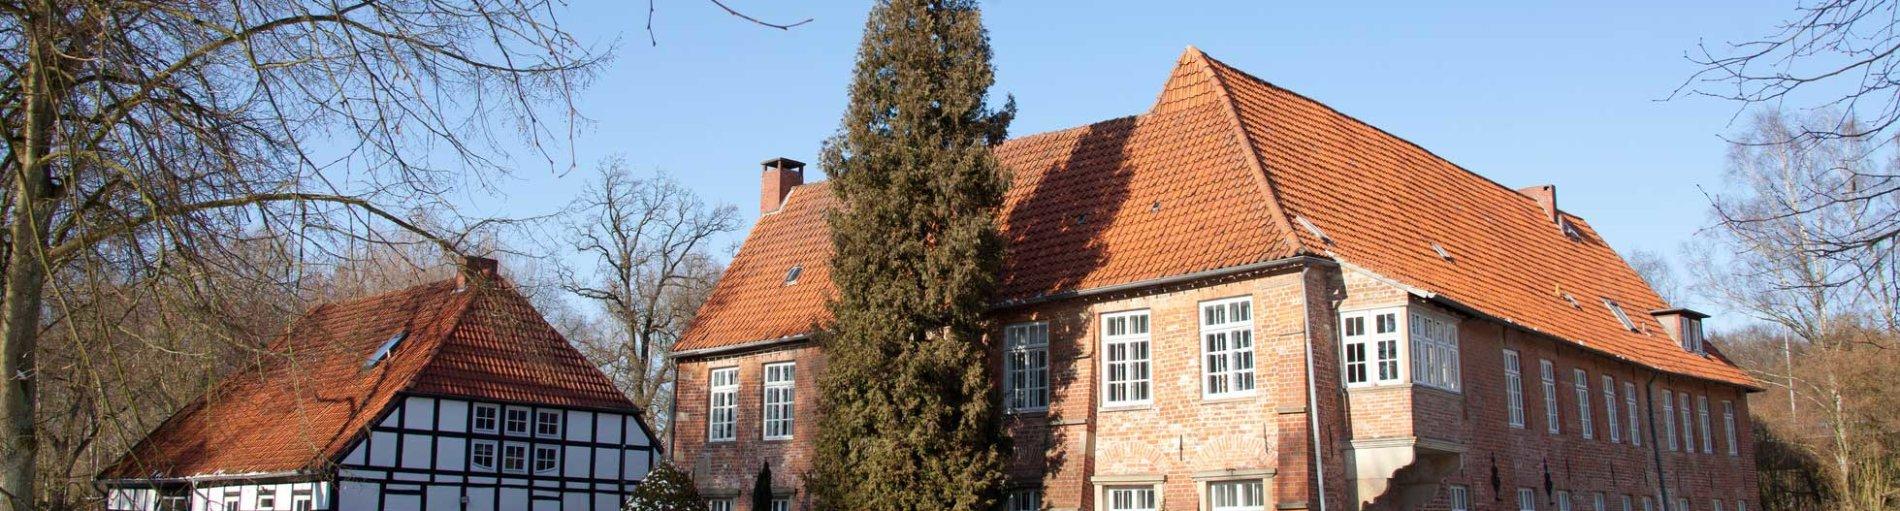 Die Burg Blomendal in winterlicher Landschaft.